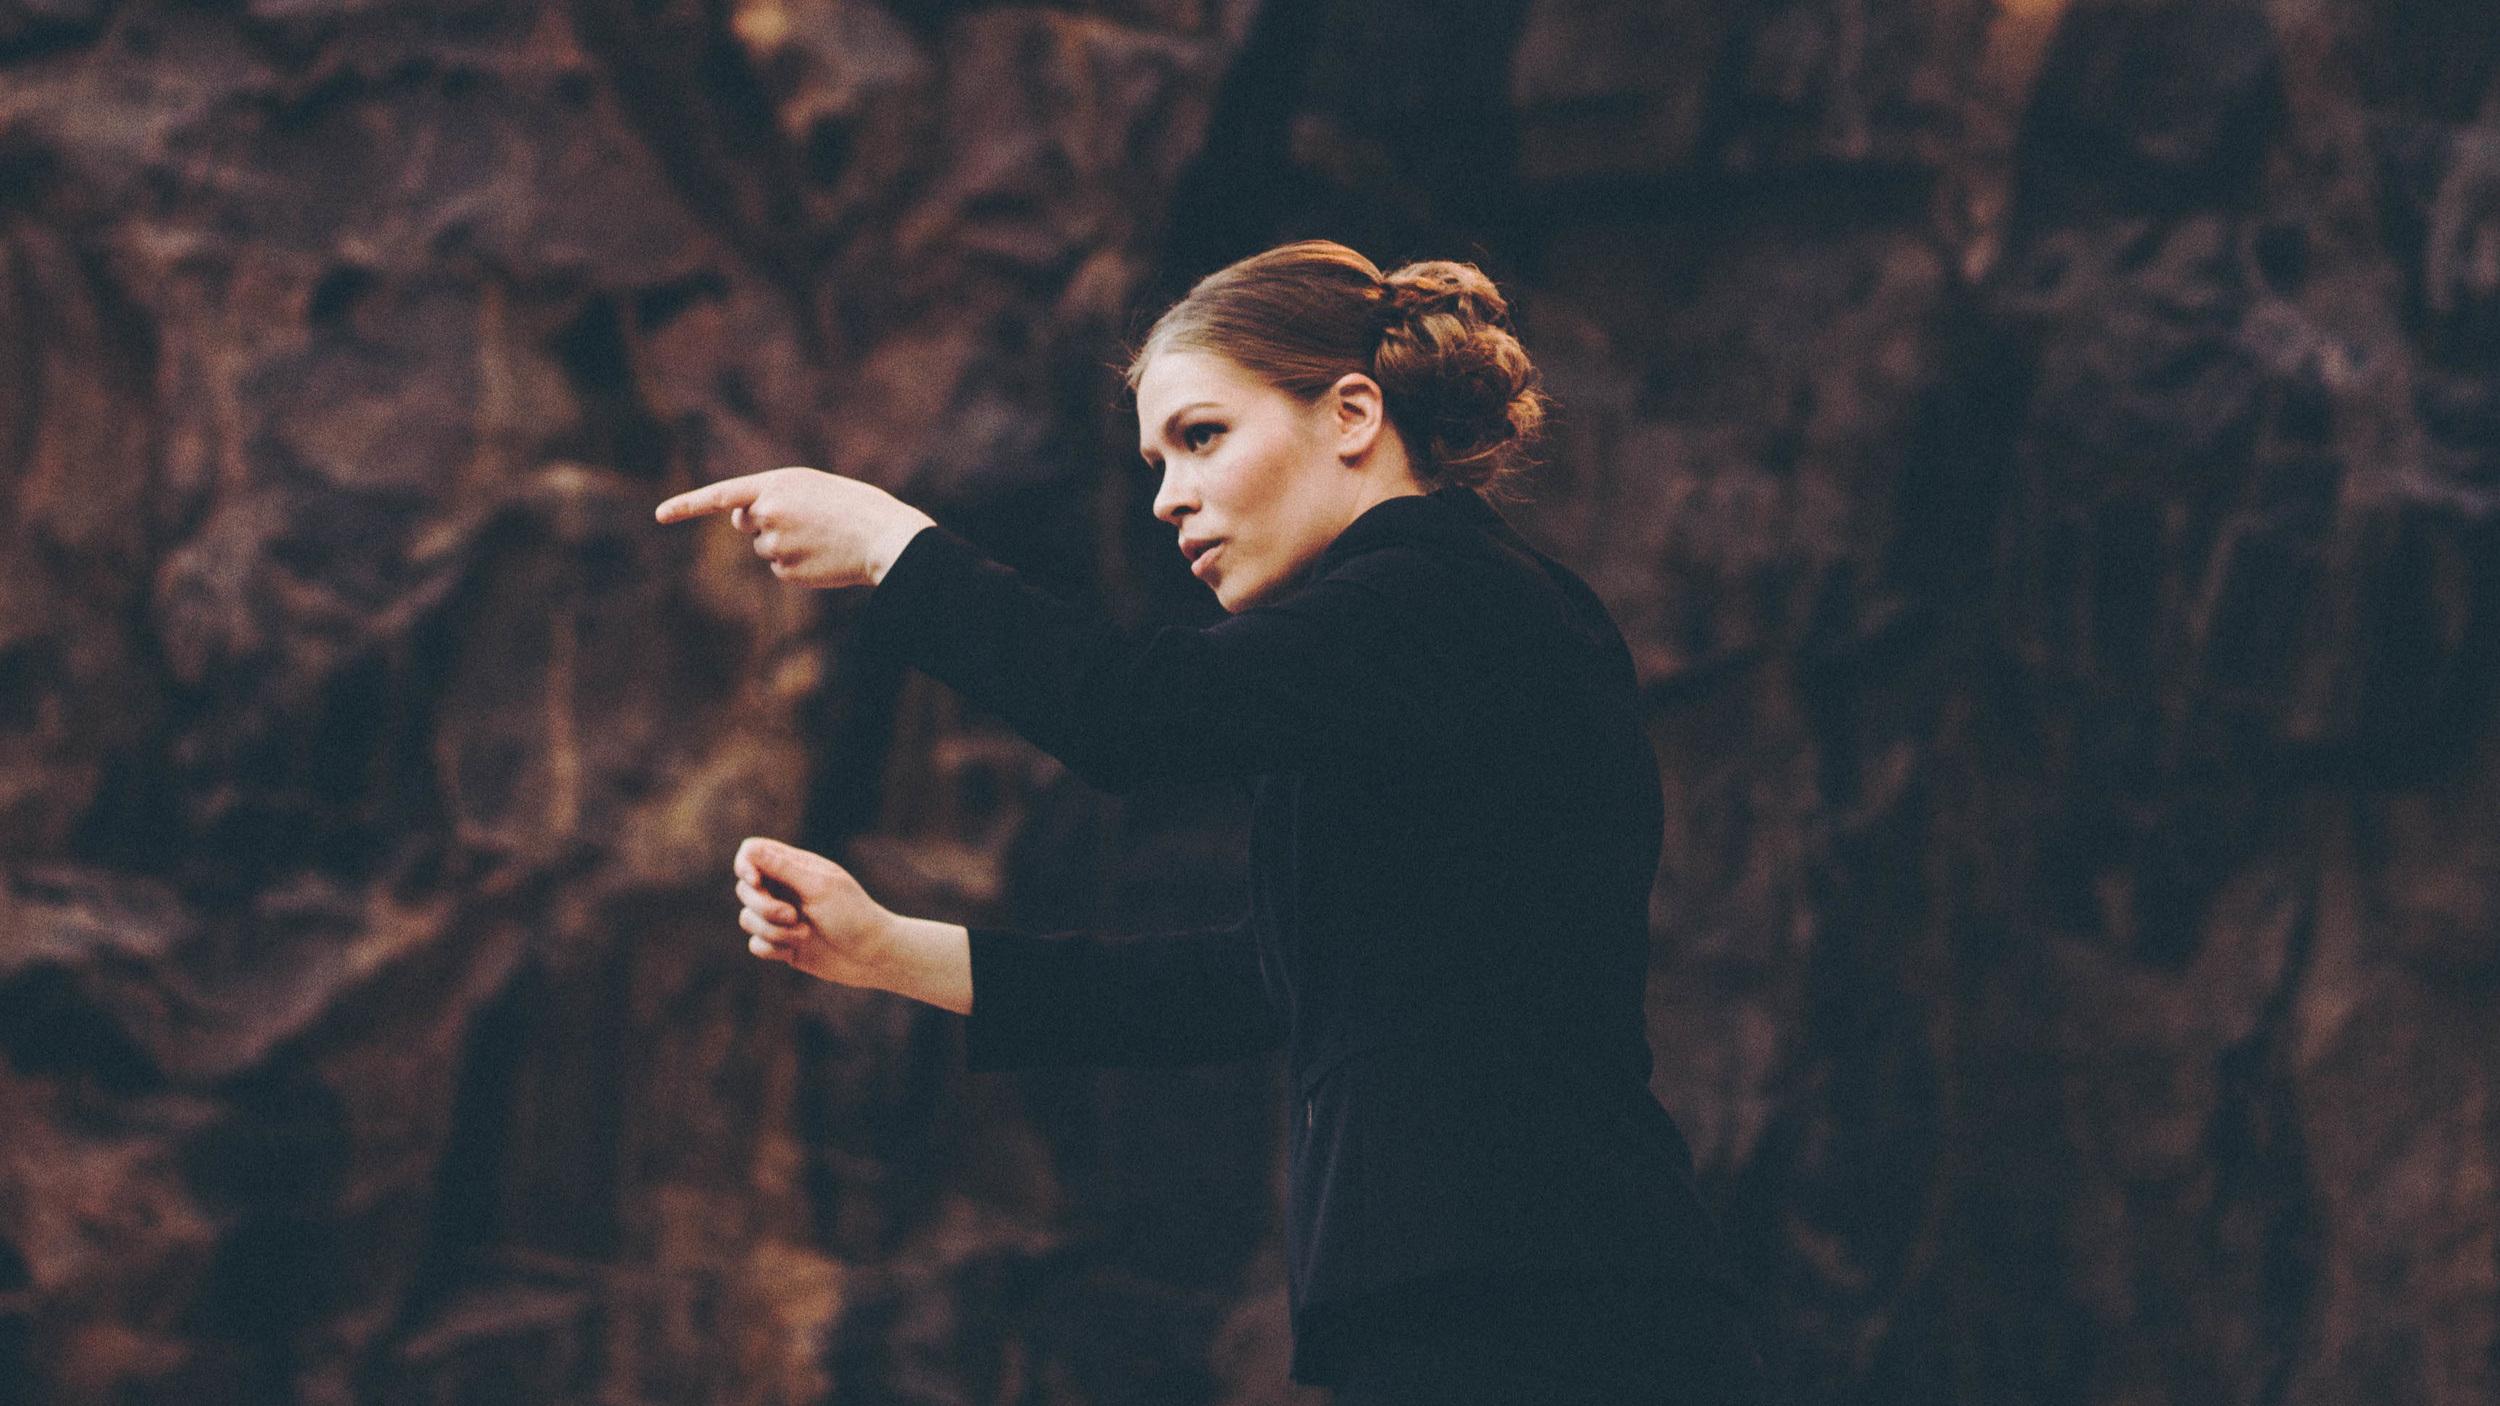 Elisa Huovinen Är Akademiska Sångföreningens nya Dirigent - Akademiska Sångföreningen har valt Elisa Huovinen till ny konstnärlig ledare och dirigent. Huovinen efterträder körens långvariga dirigent Kari Turunen, som flyttar utomlands för att jobba som konstnärlig ledare för Vancouver Chamber Choir.